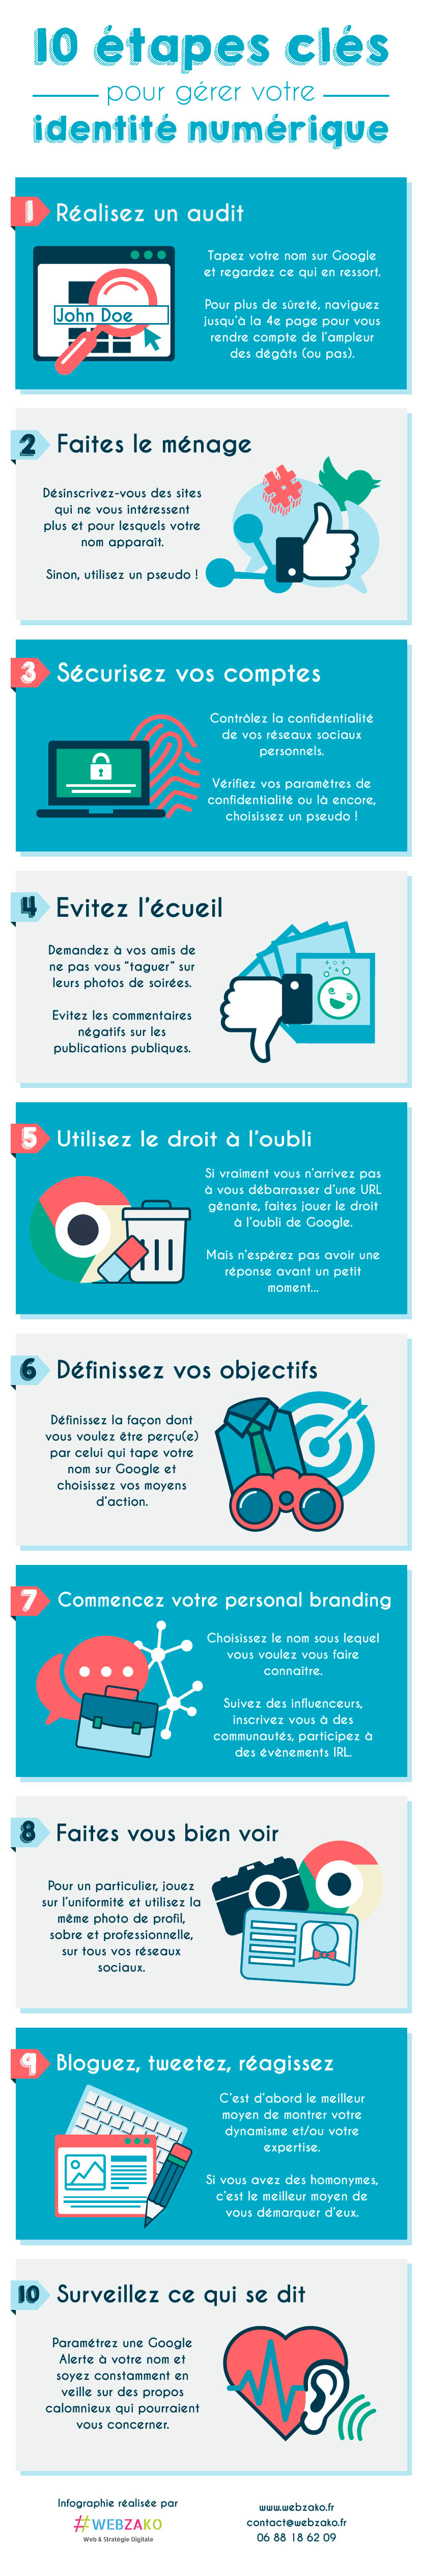 Infographie gérer son identité numérique et son personal branding